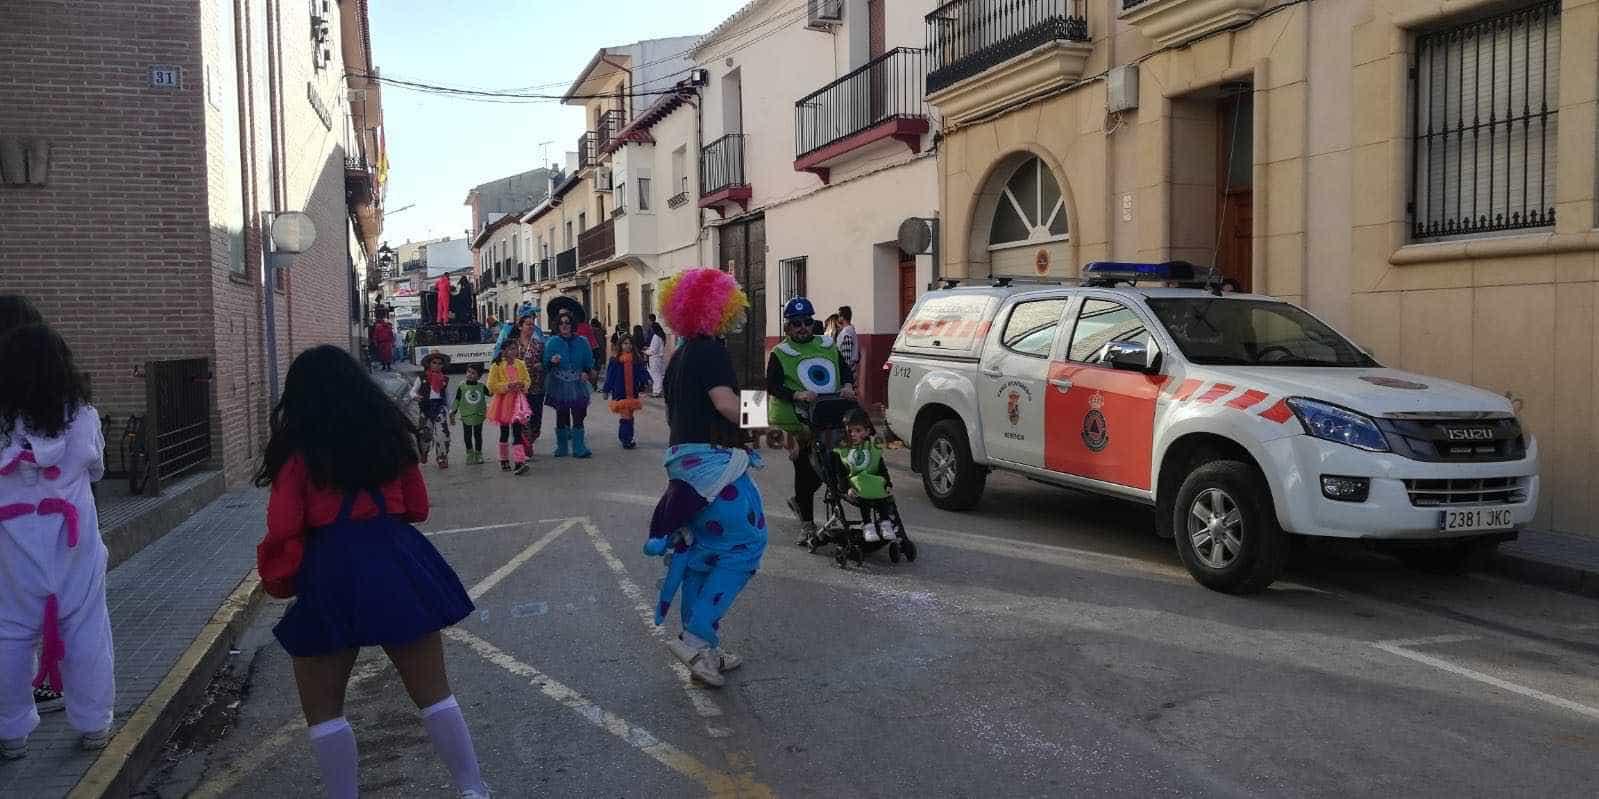 Carnaval herencia 2020 pasacalles domingo deseosas 14 - El Domingo de las Deseosas invita a todo el mundo al Carnaval de Herencia